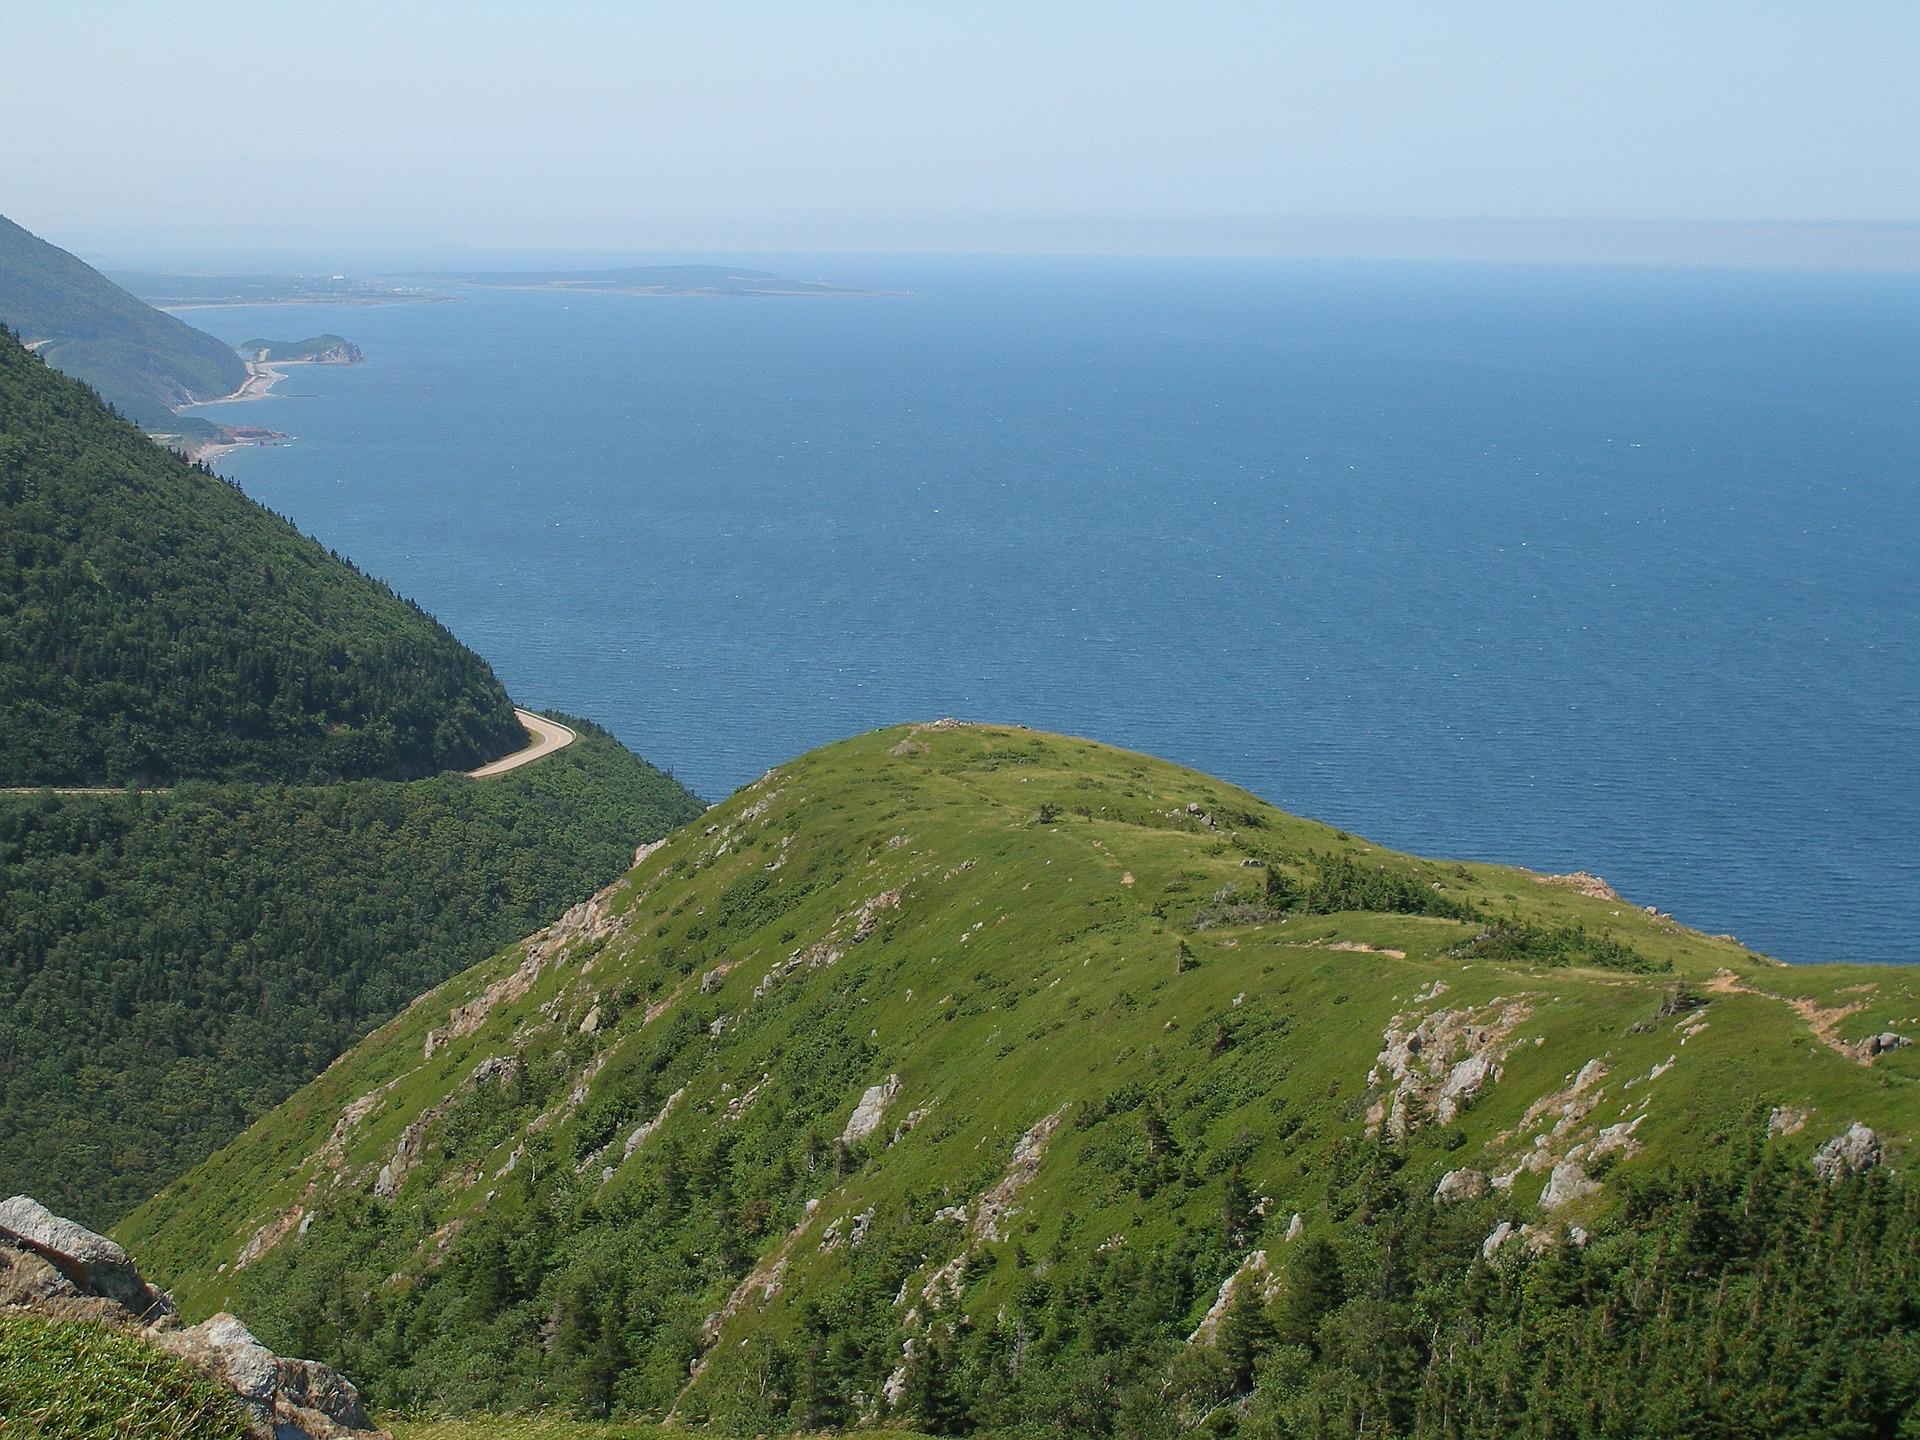 Cabot Trail, Cape Breton, Canada